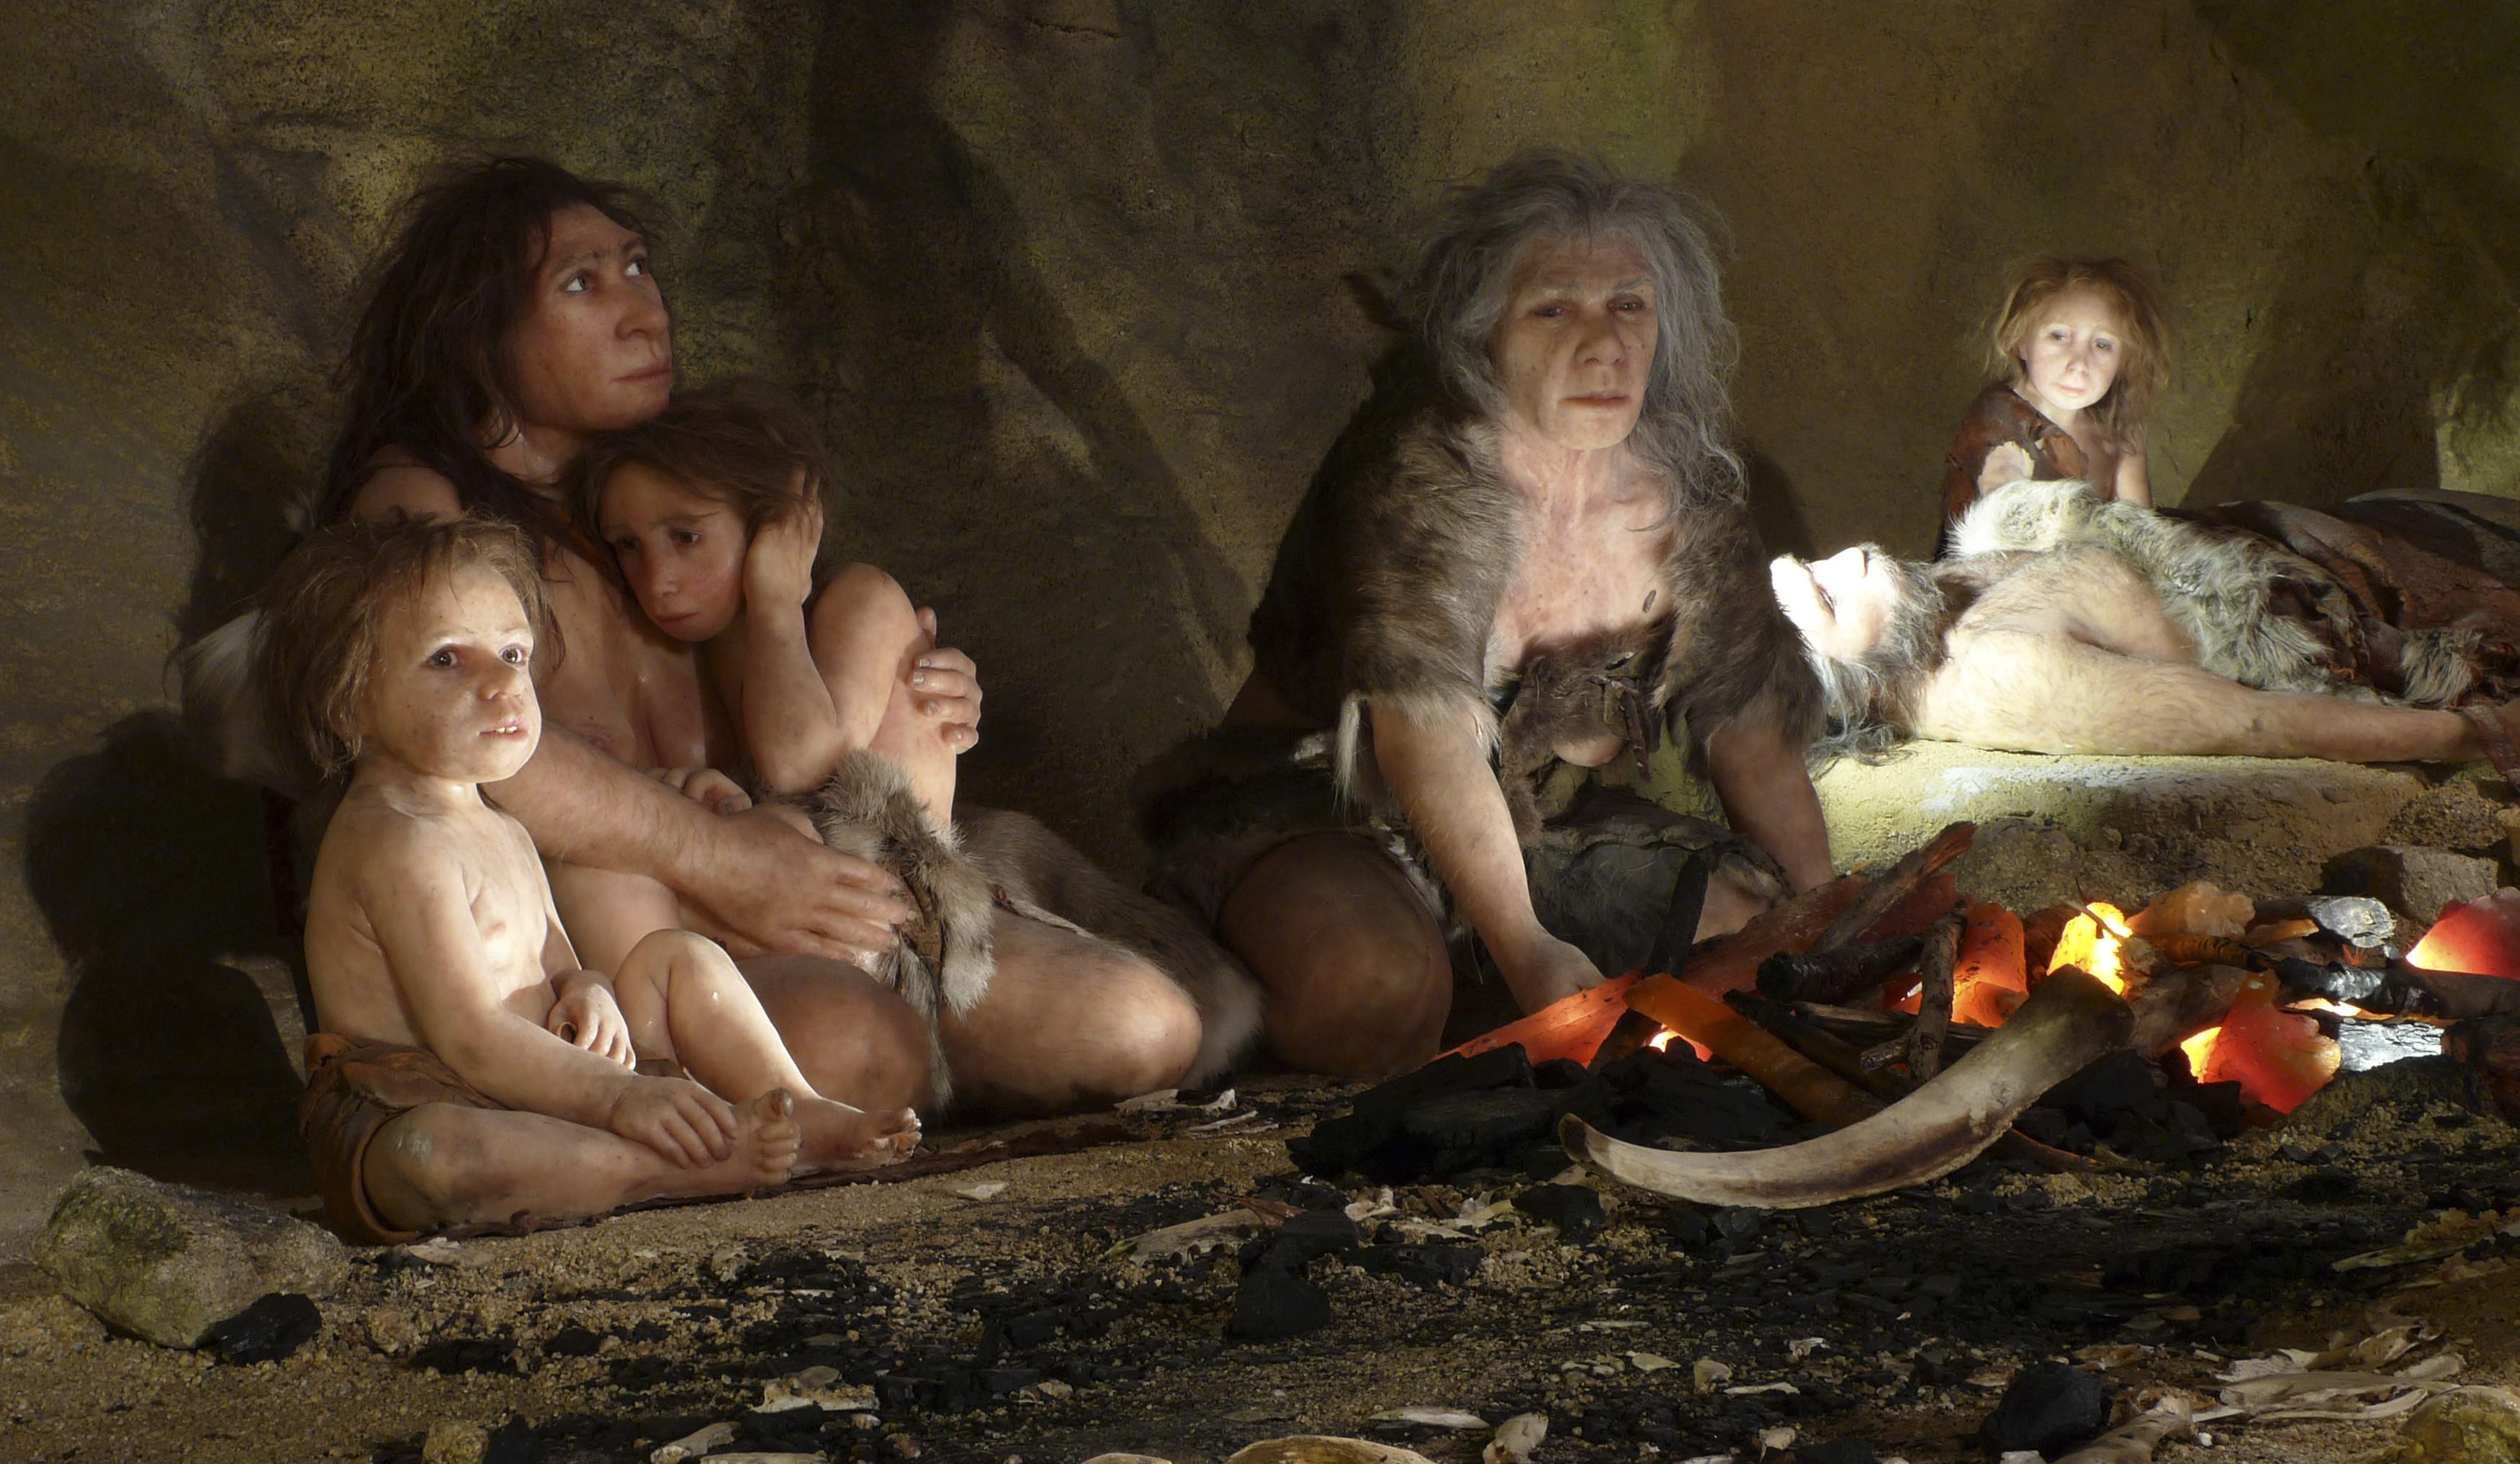 Os neandertais também introduziam alimentos sólidos aos seus bebês após 6 meses (Foto: Nikola Solic/Reuters)